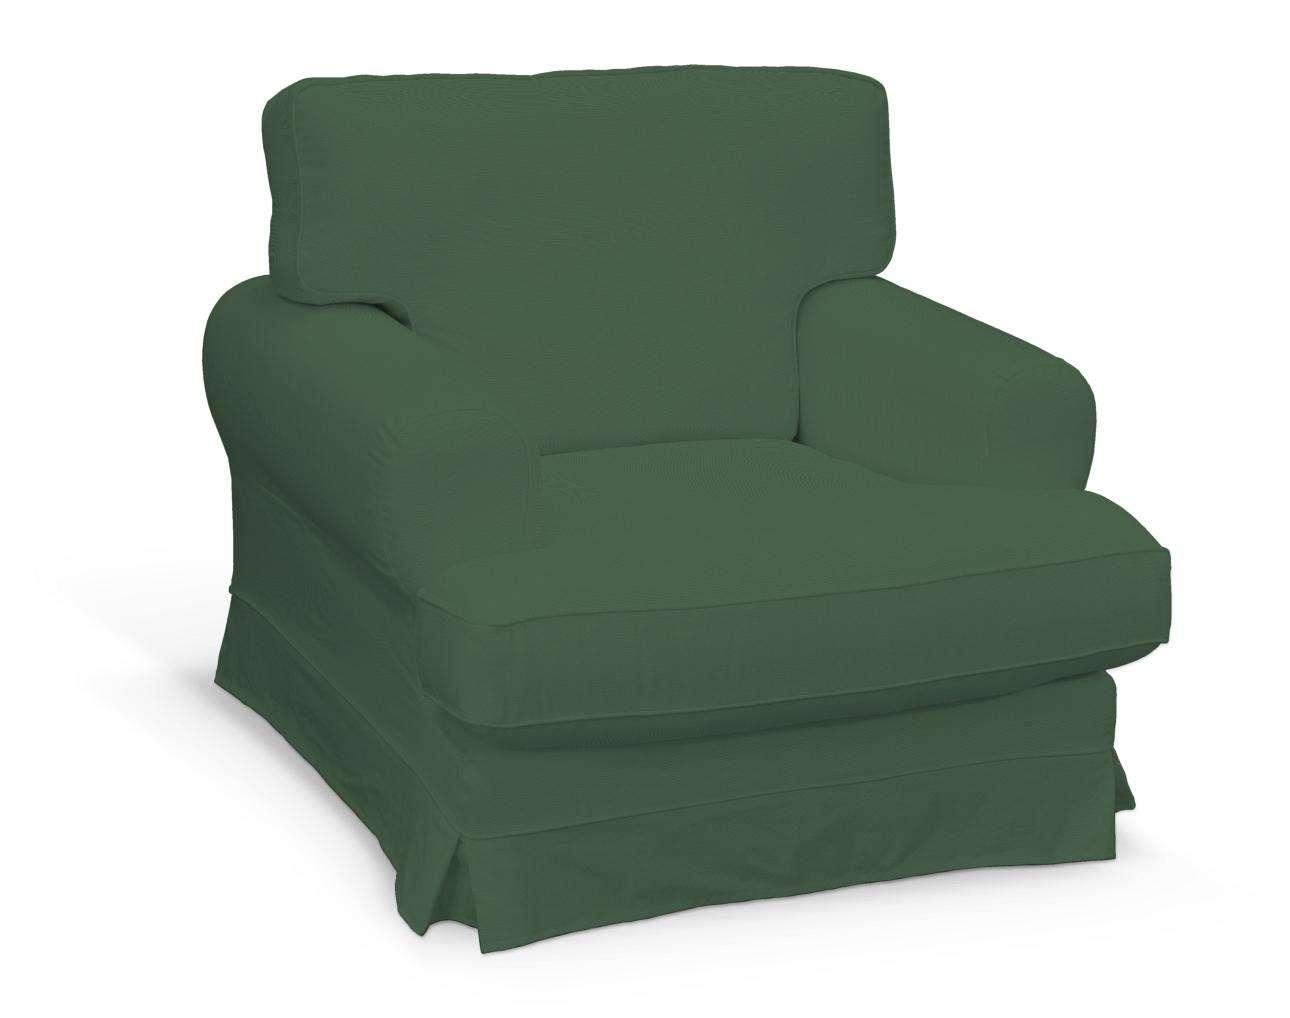 Pokrowiec na fotel Ekeskog Fotel Ekeskog w kolekcji Cotton Panama, tkanina: 702-06